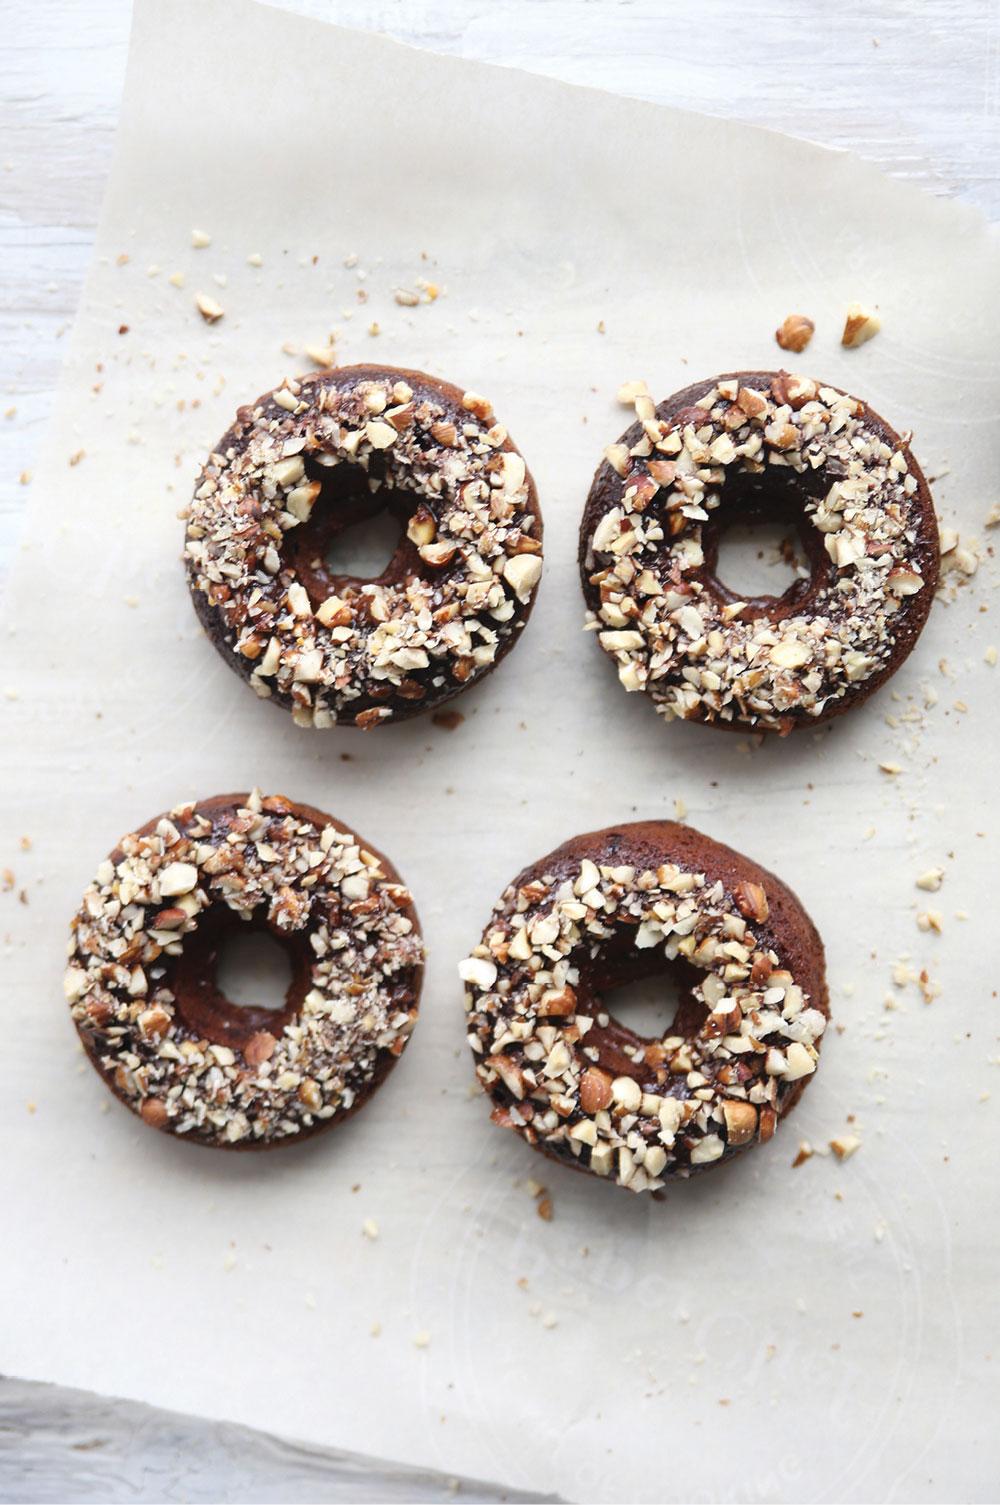 hazelnut-chocolate-doughnuts-deliciously-ella-pure-ella-leche4